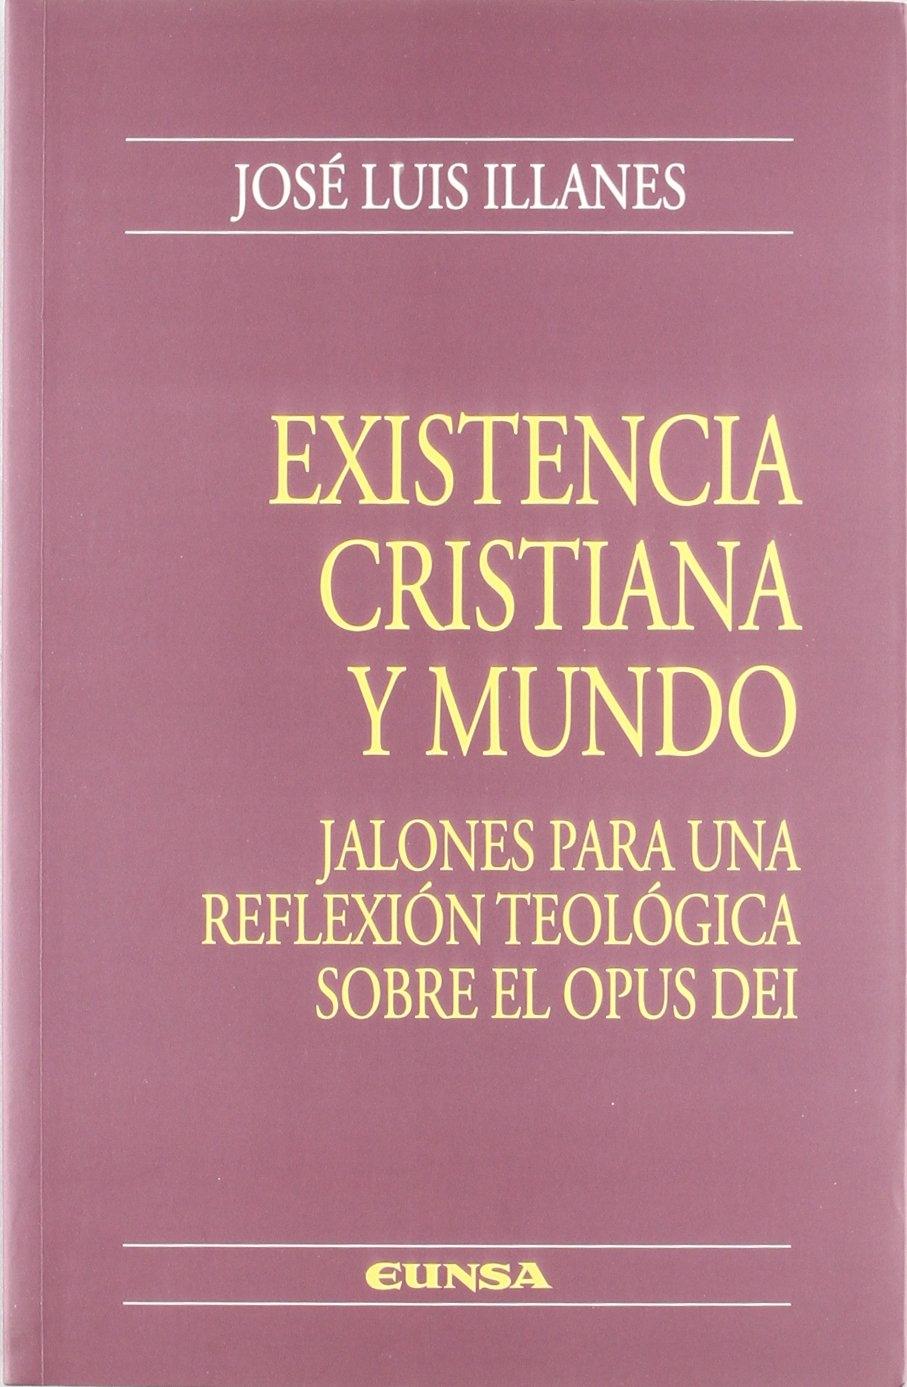 Existencia cristiana y mundo. jalones para una reflexion teologica sobre el opus dei